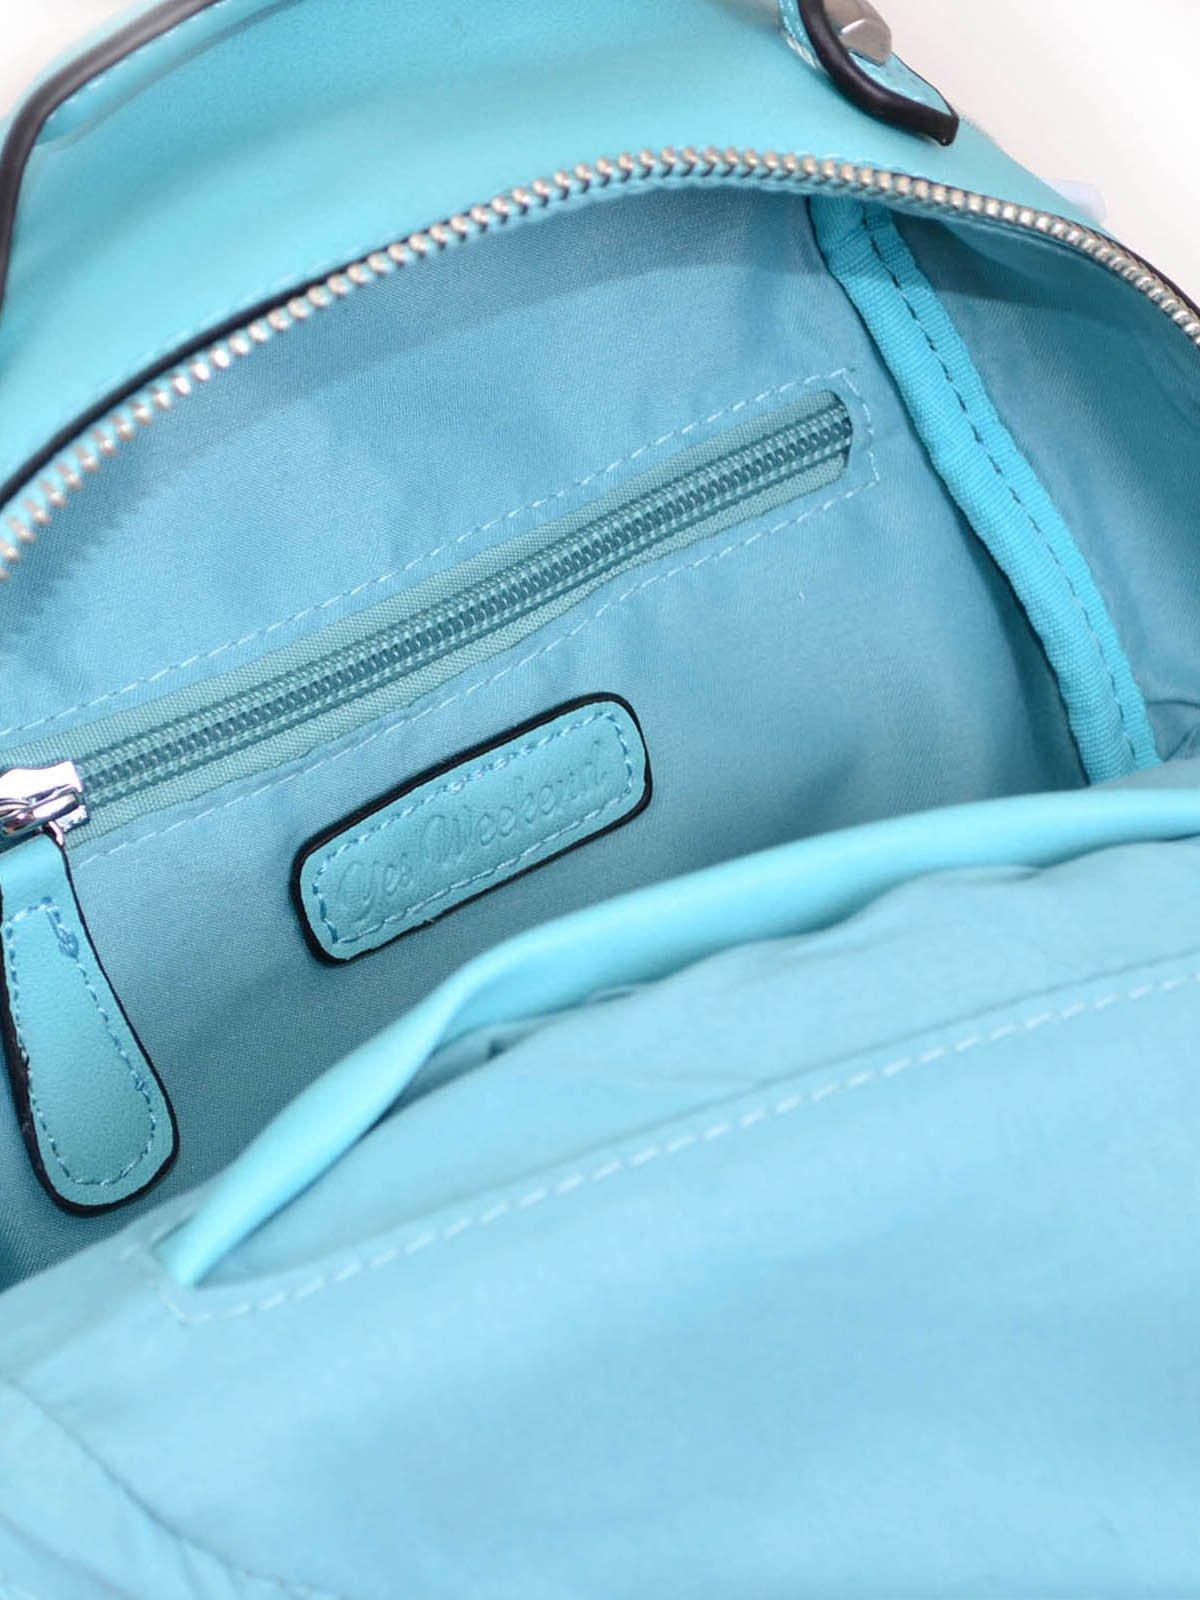 Рюкзак бірюзовий з декором | 3492478 | фото 6